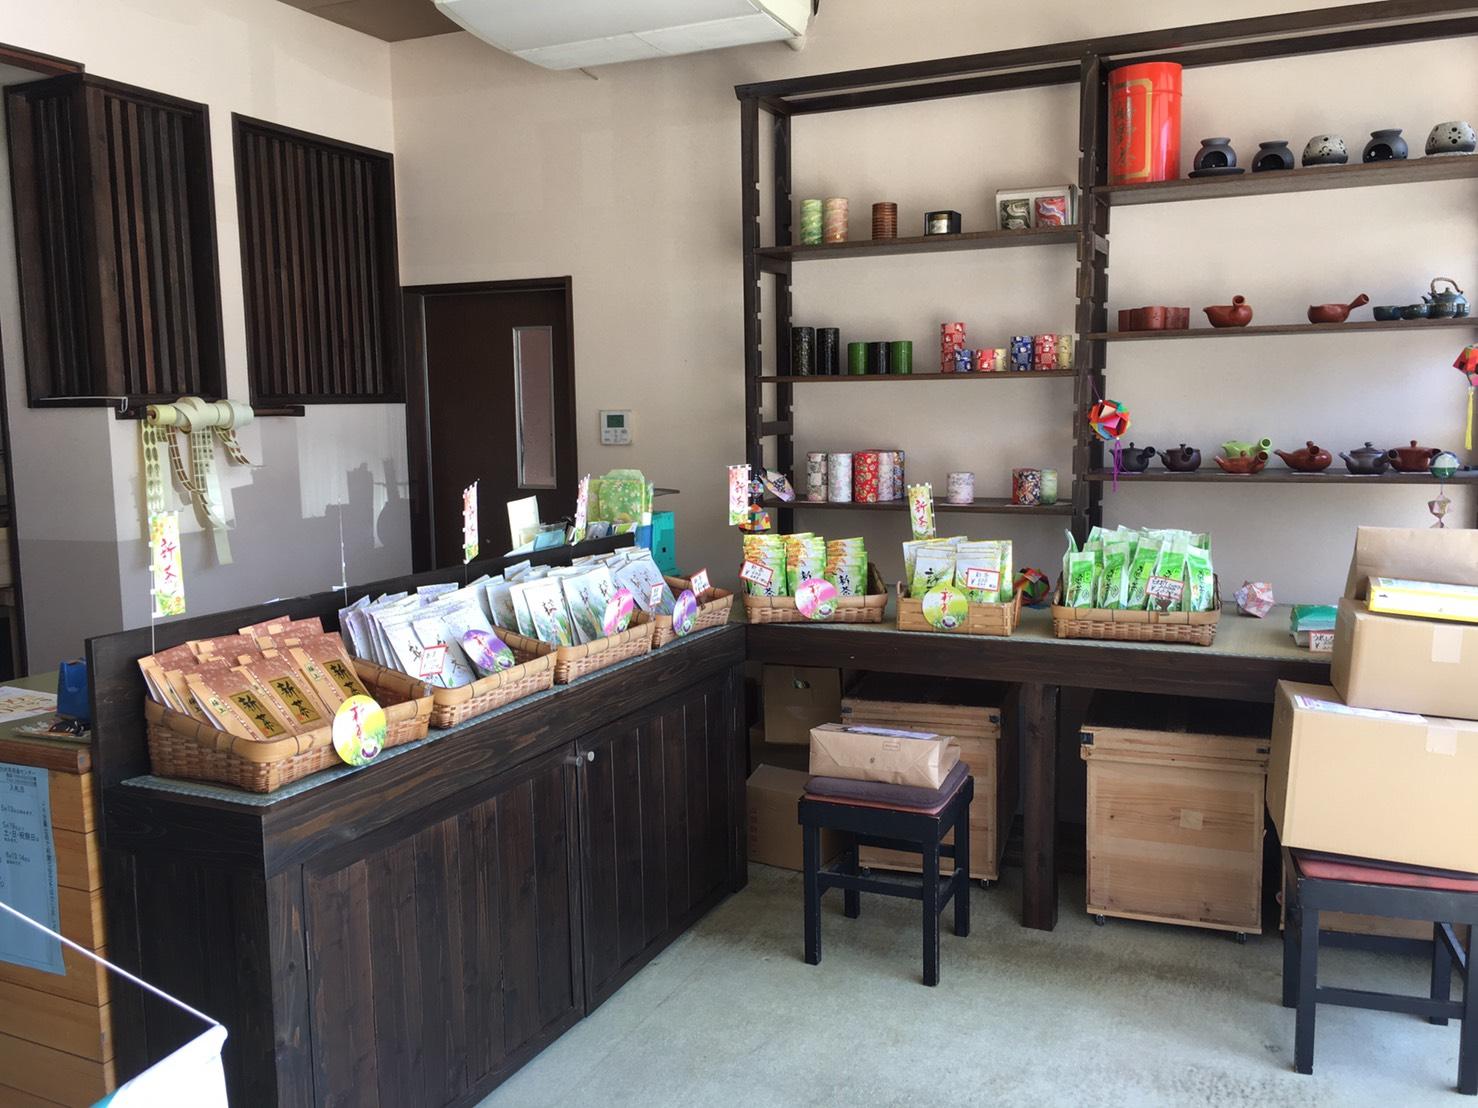 嬉野町 中山製茶舗さま 内装工事